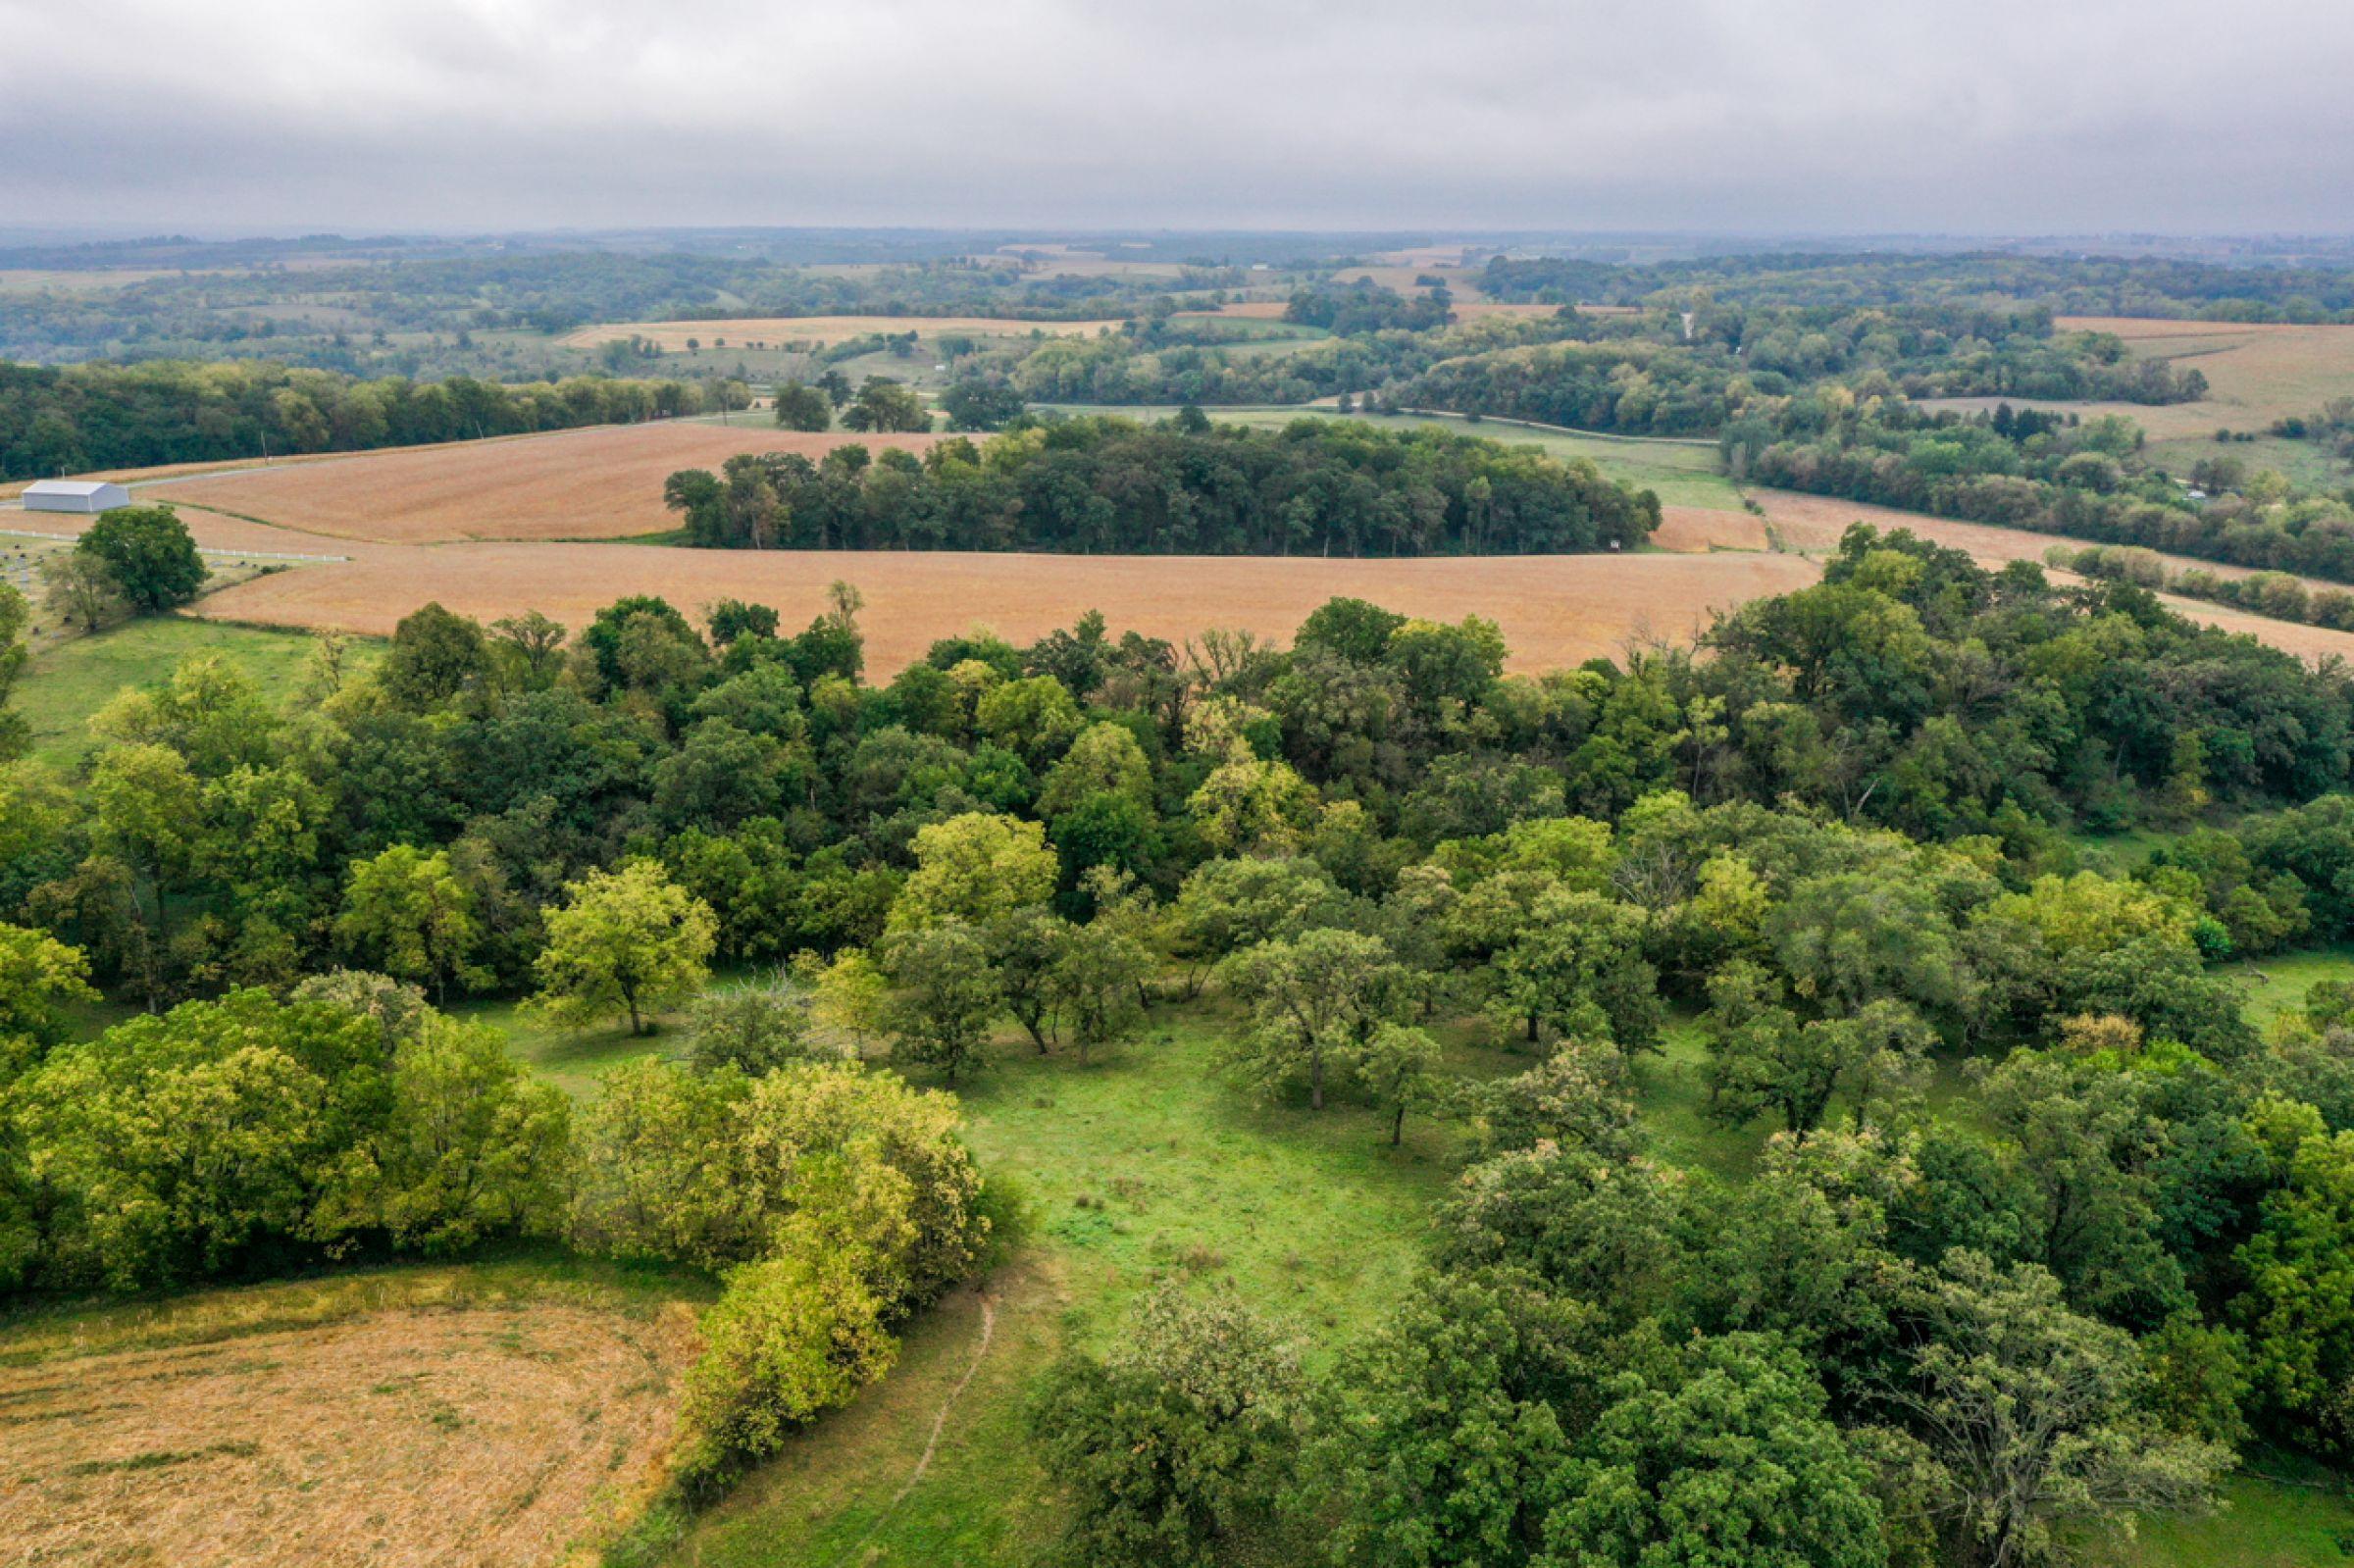 2-apple-grove-church-road-argyle-53504-6-2021-09-21-153559.jpg